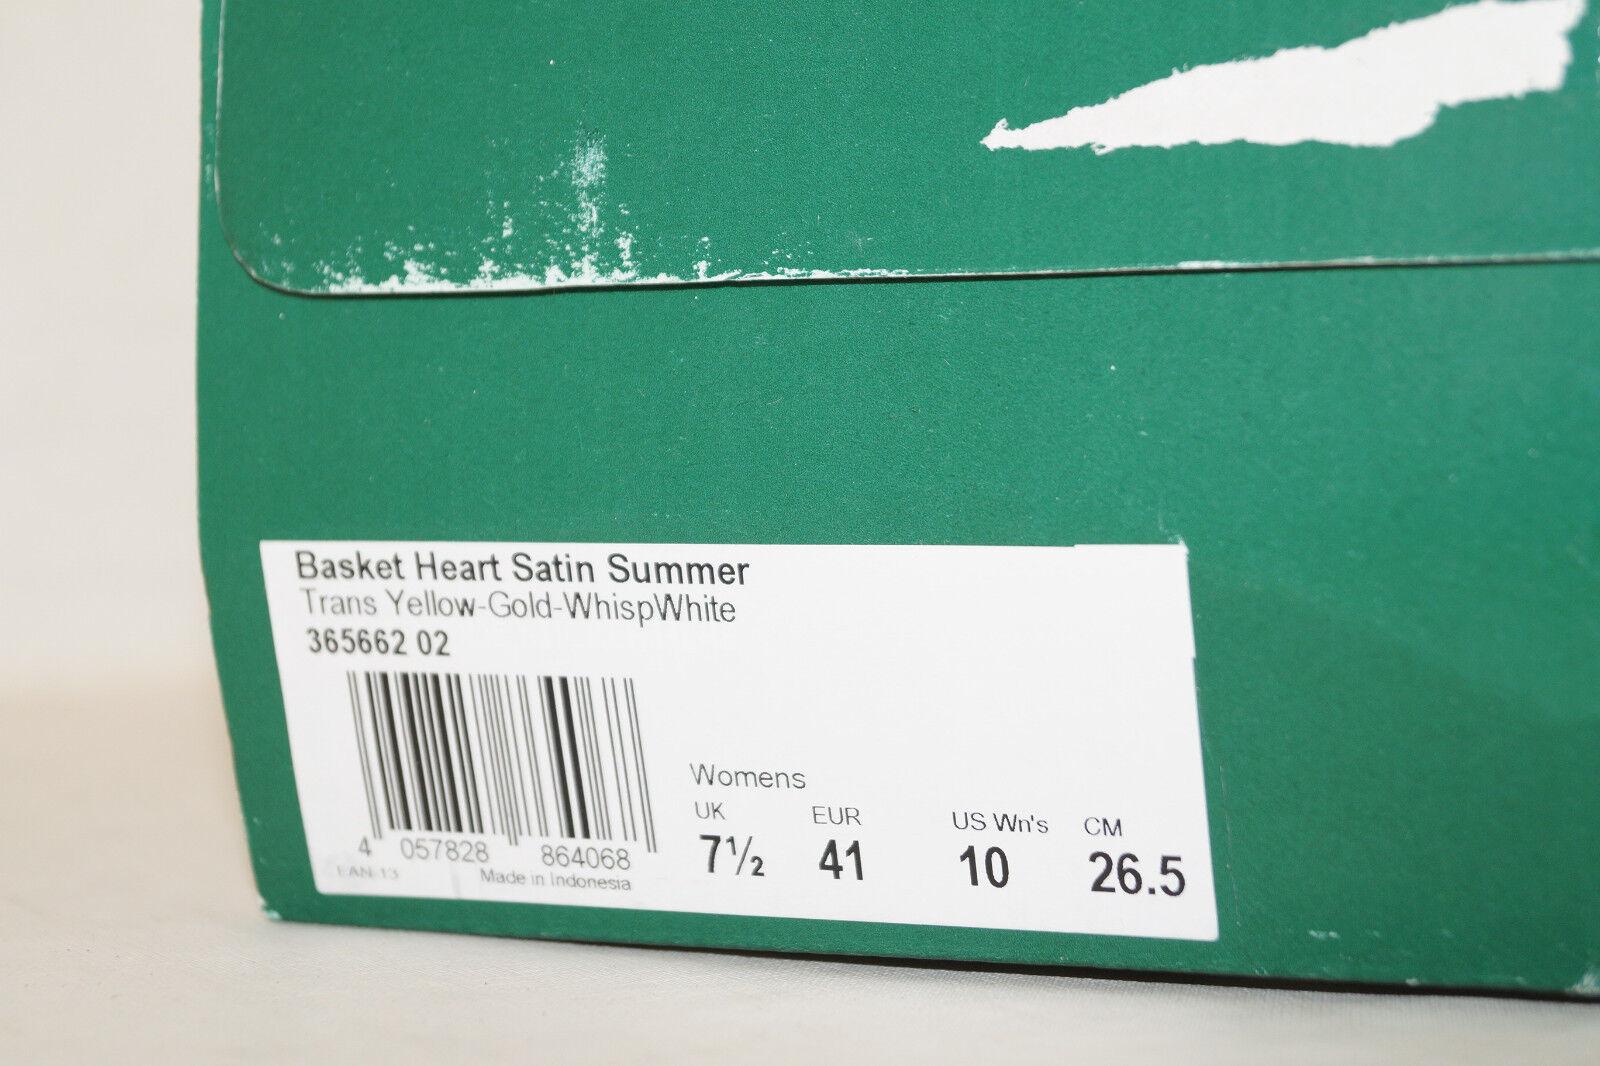 PUMA Basket Heart Satin Summer weiss EU 41 UK 7.5 gelb gold weiss Summer 365662-02 Damen WMNS 47852e